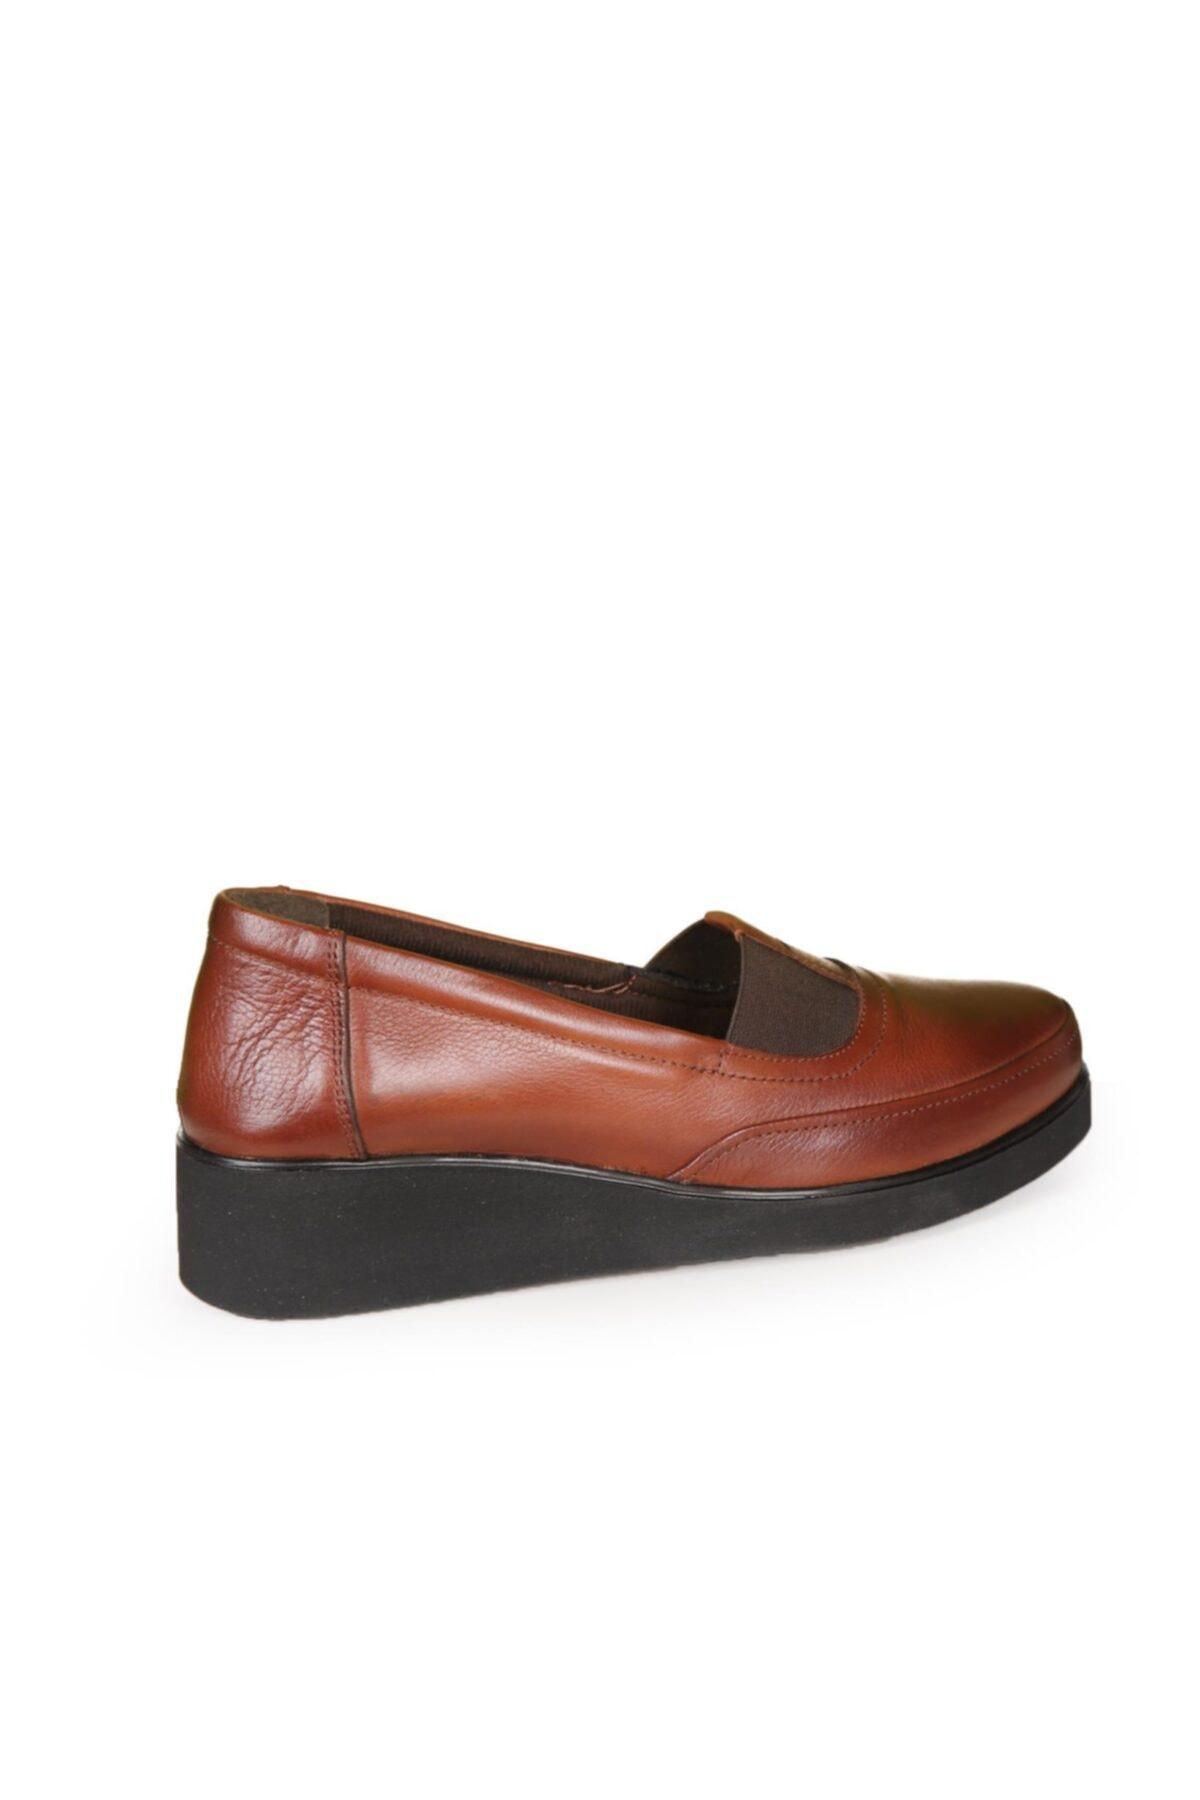 MP M.p Kadın Casual Ayakkabı